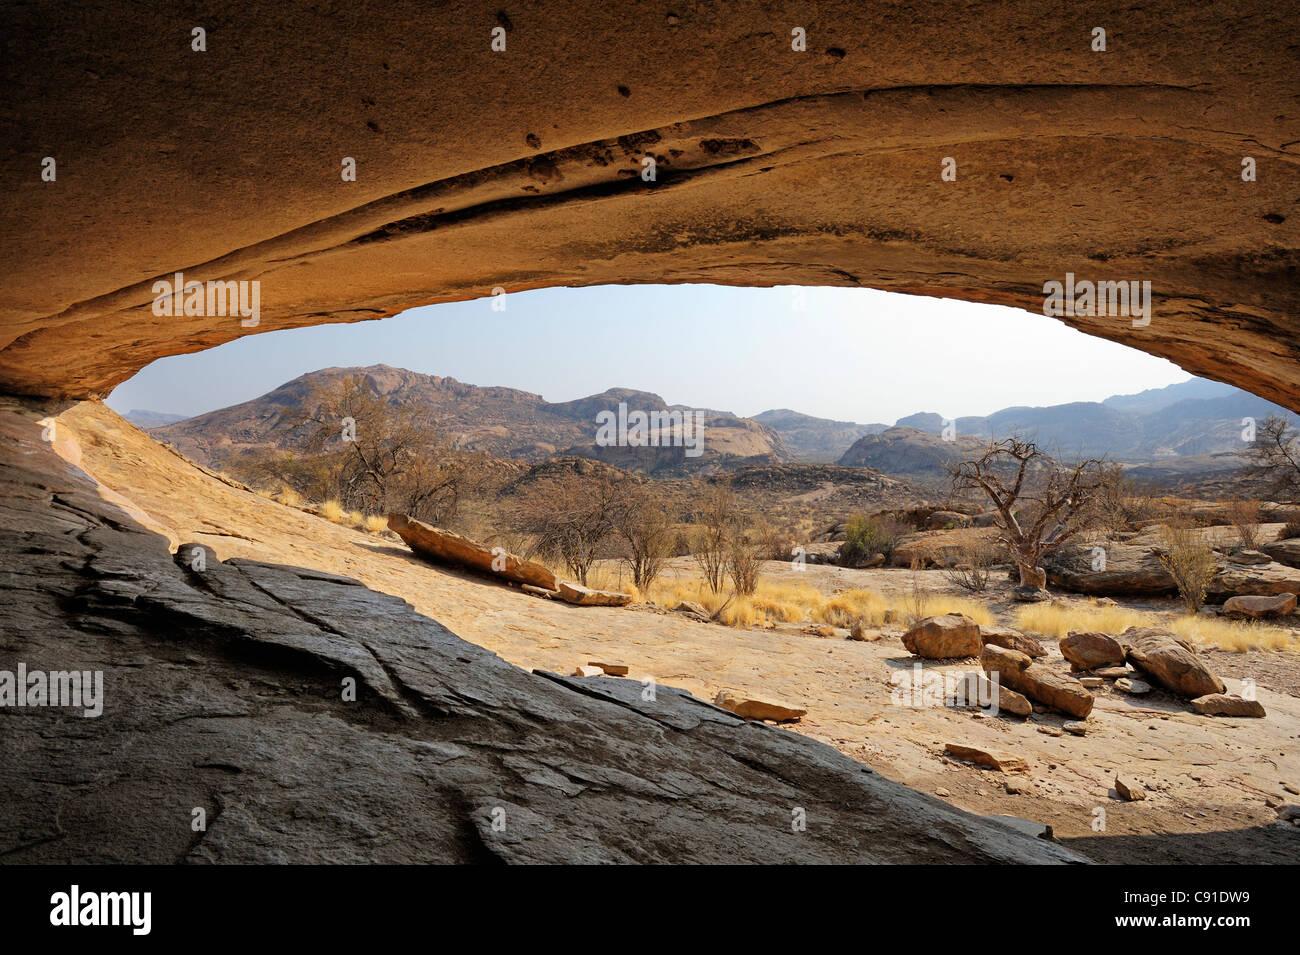 Abri sous roche Phillipp's Cave avec vue sur la savane, Ameib, Erongo mountains, Namibie Banque D'Images